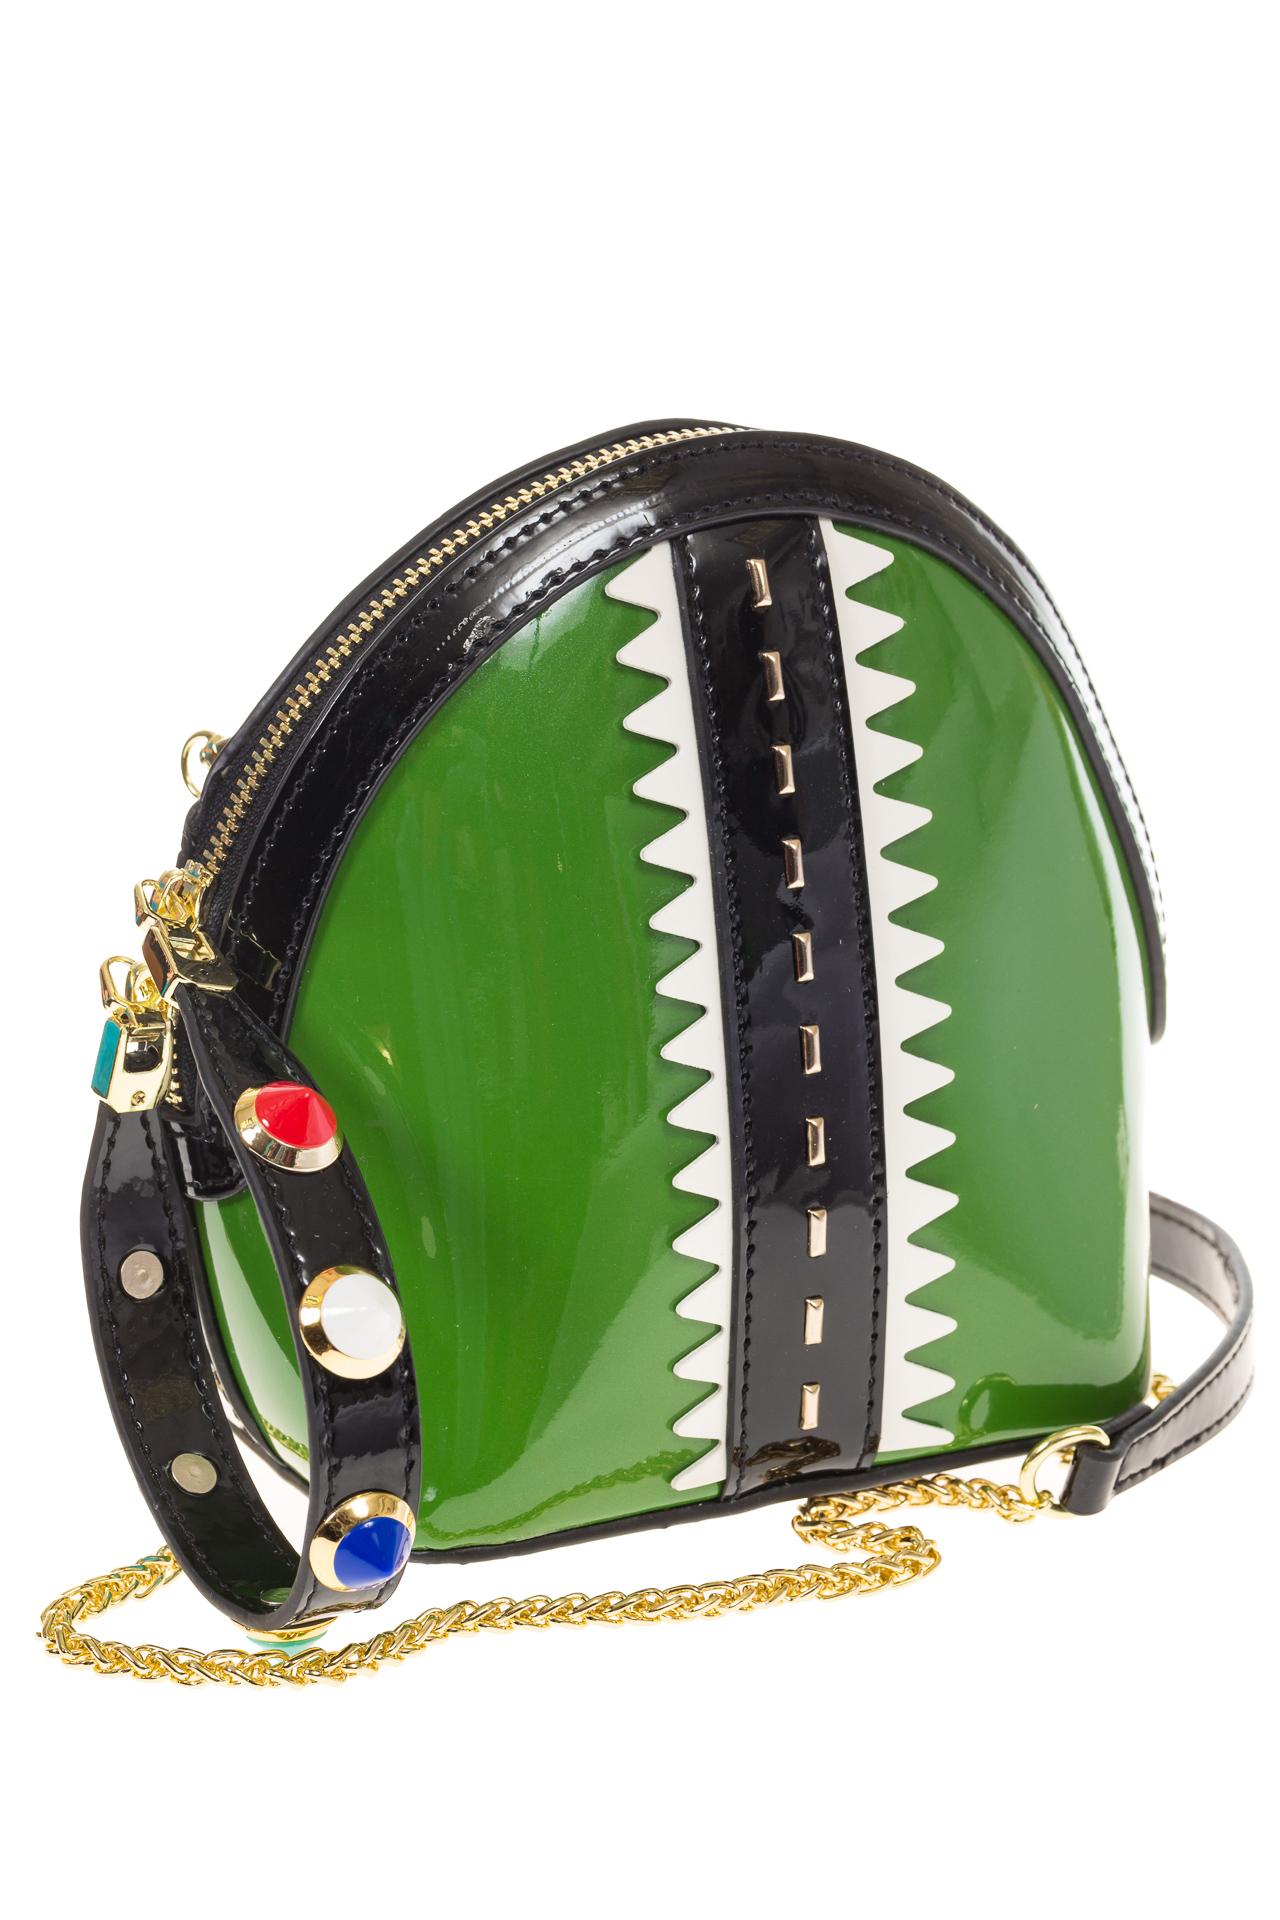 Лаковая кросс-боди зеленого цвета 9063 на фотографии